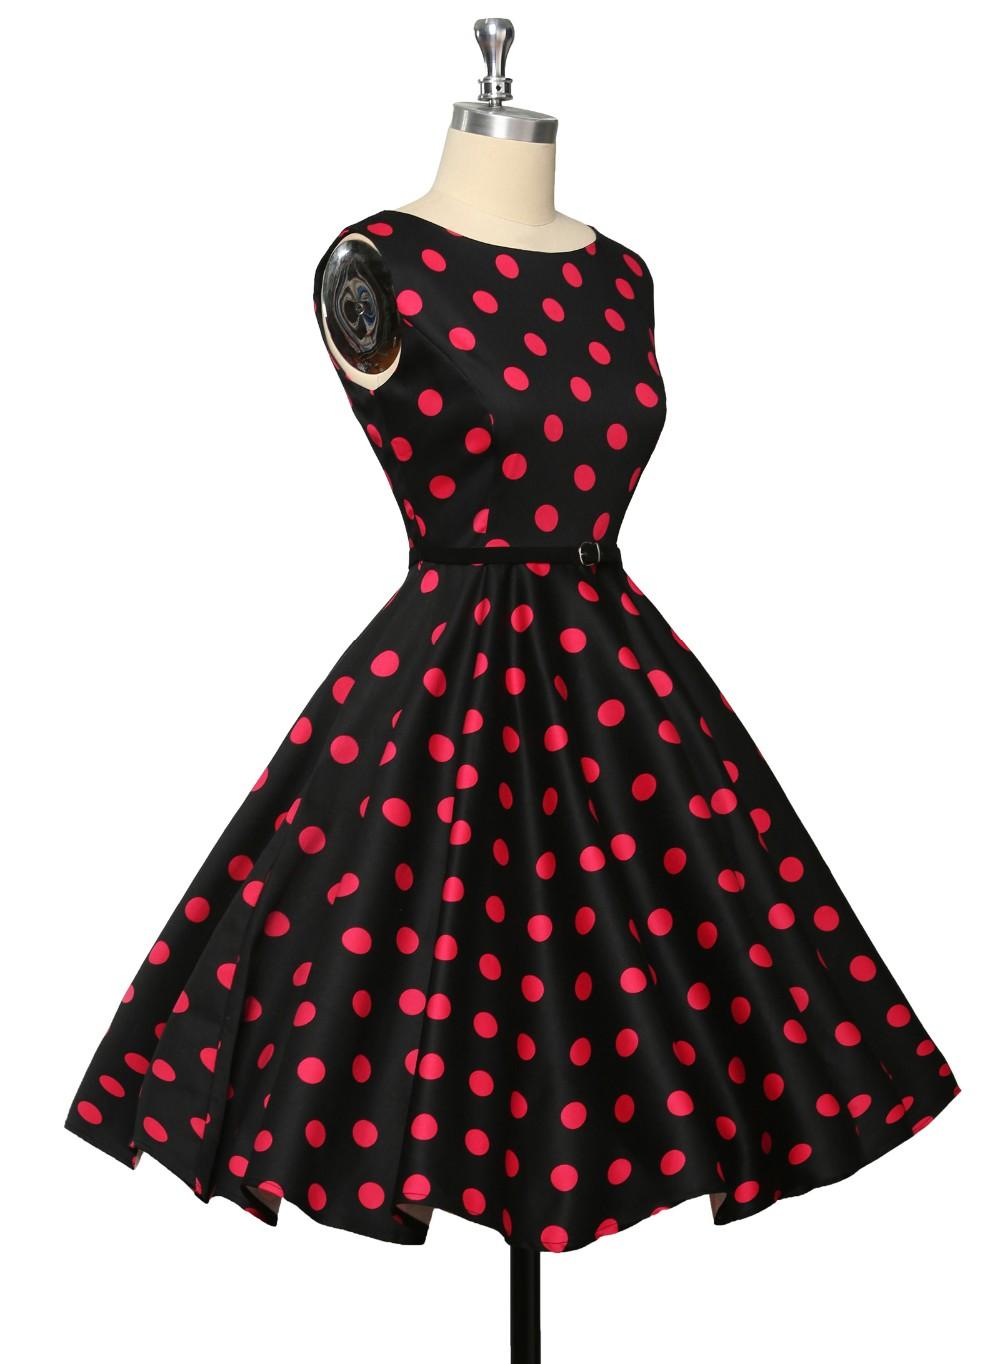 Короткое вечернее платье элегантный Большой размер вечерние платья цветочные ну вечеринку напечатаны халат старинные летом в горошек качели ретро